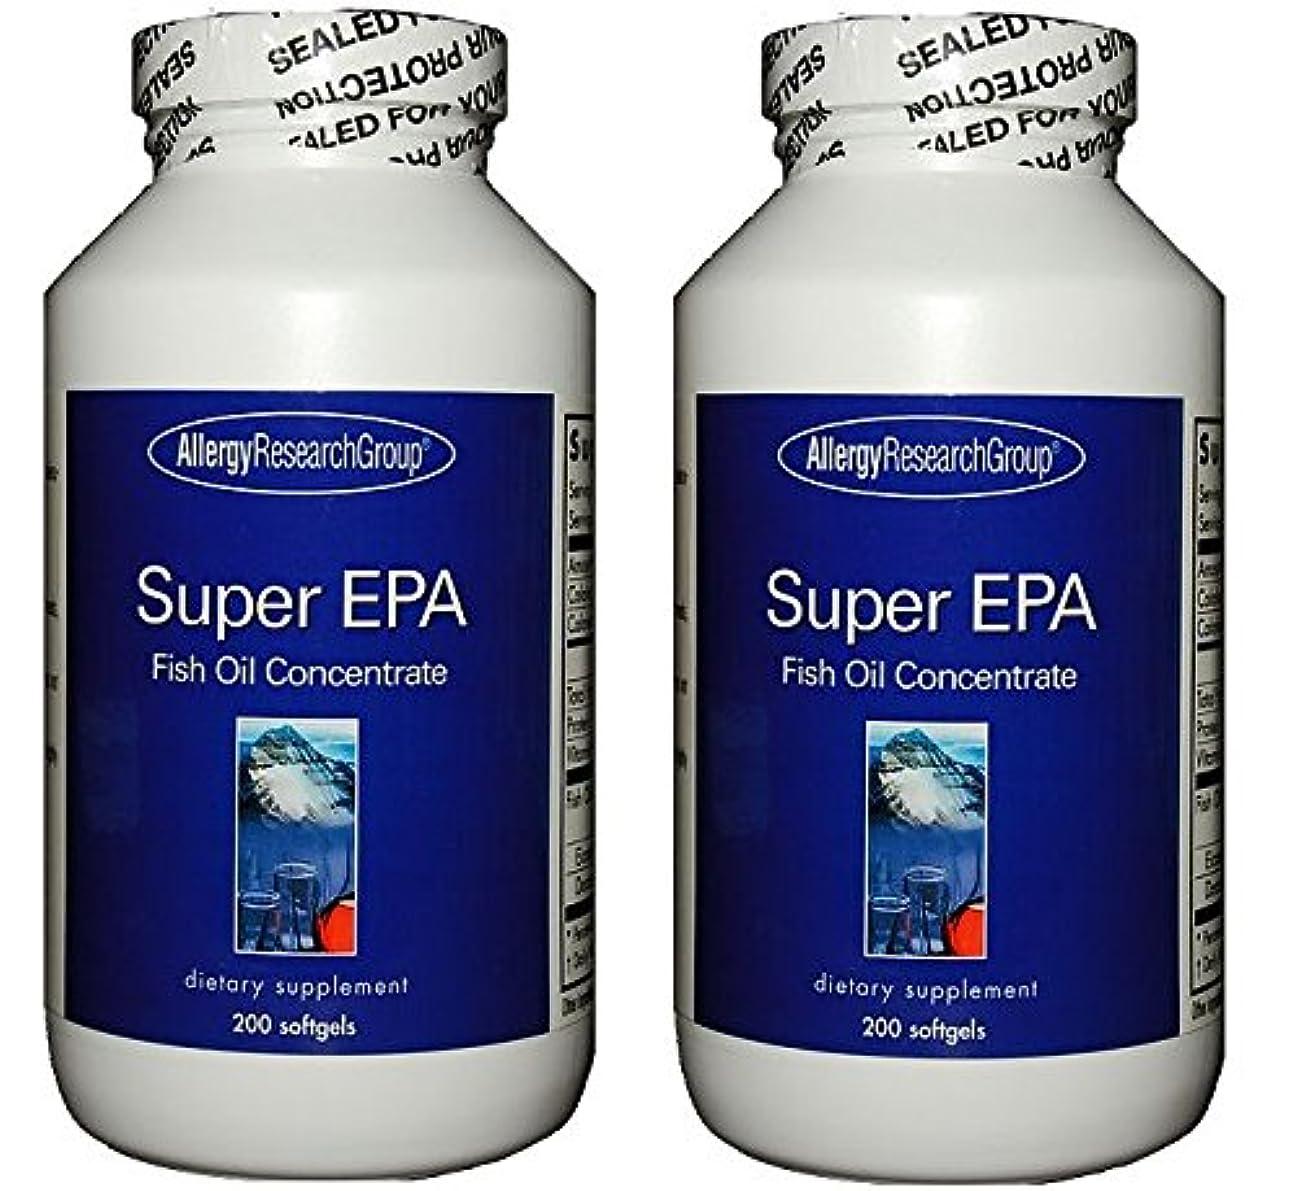 興奮吐き出す暖かさスーパーEPA & DHA  200ソフトカプセル (Super EPA Fish Oil Concentrate 200 softgels) [海外直送品] 2ボトル